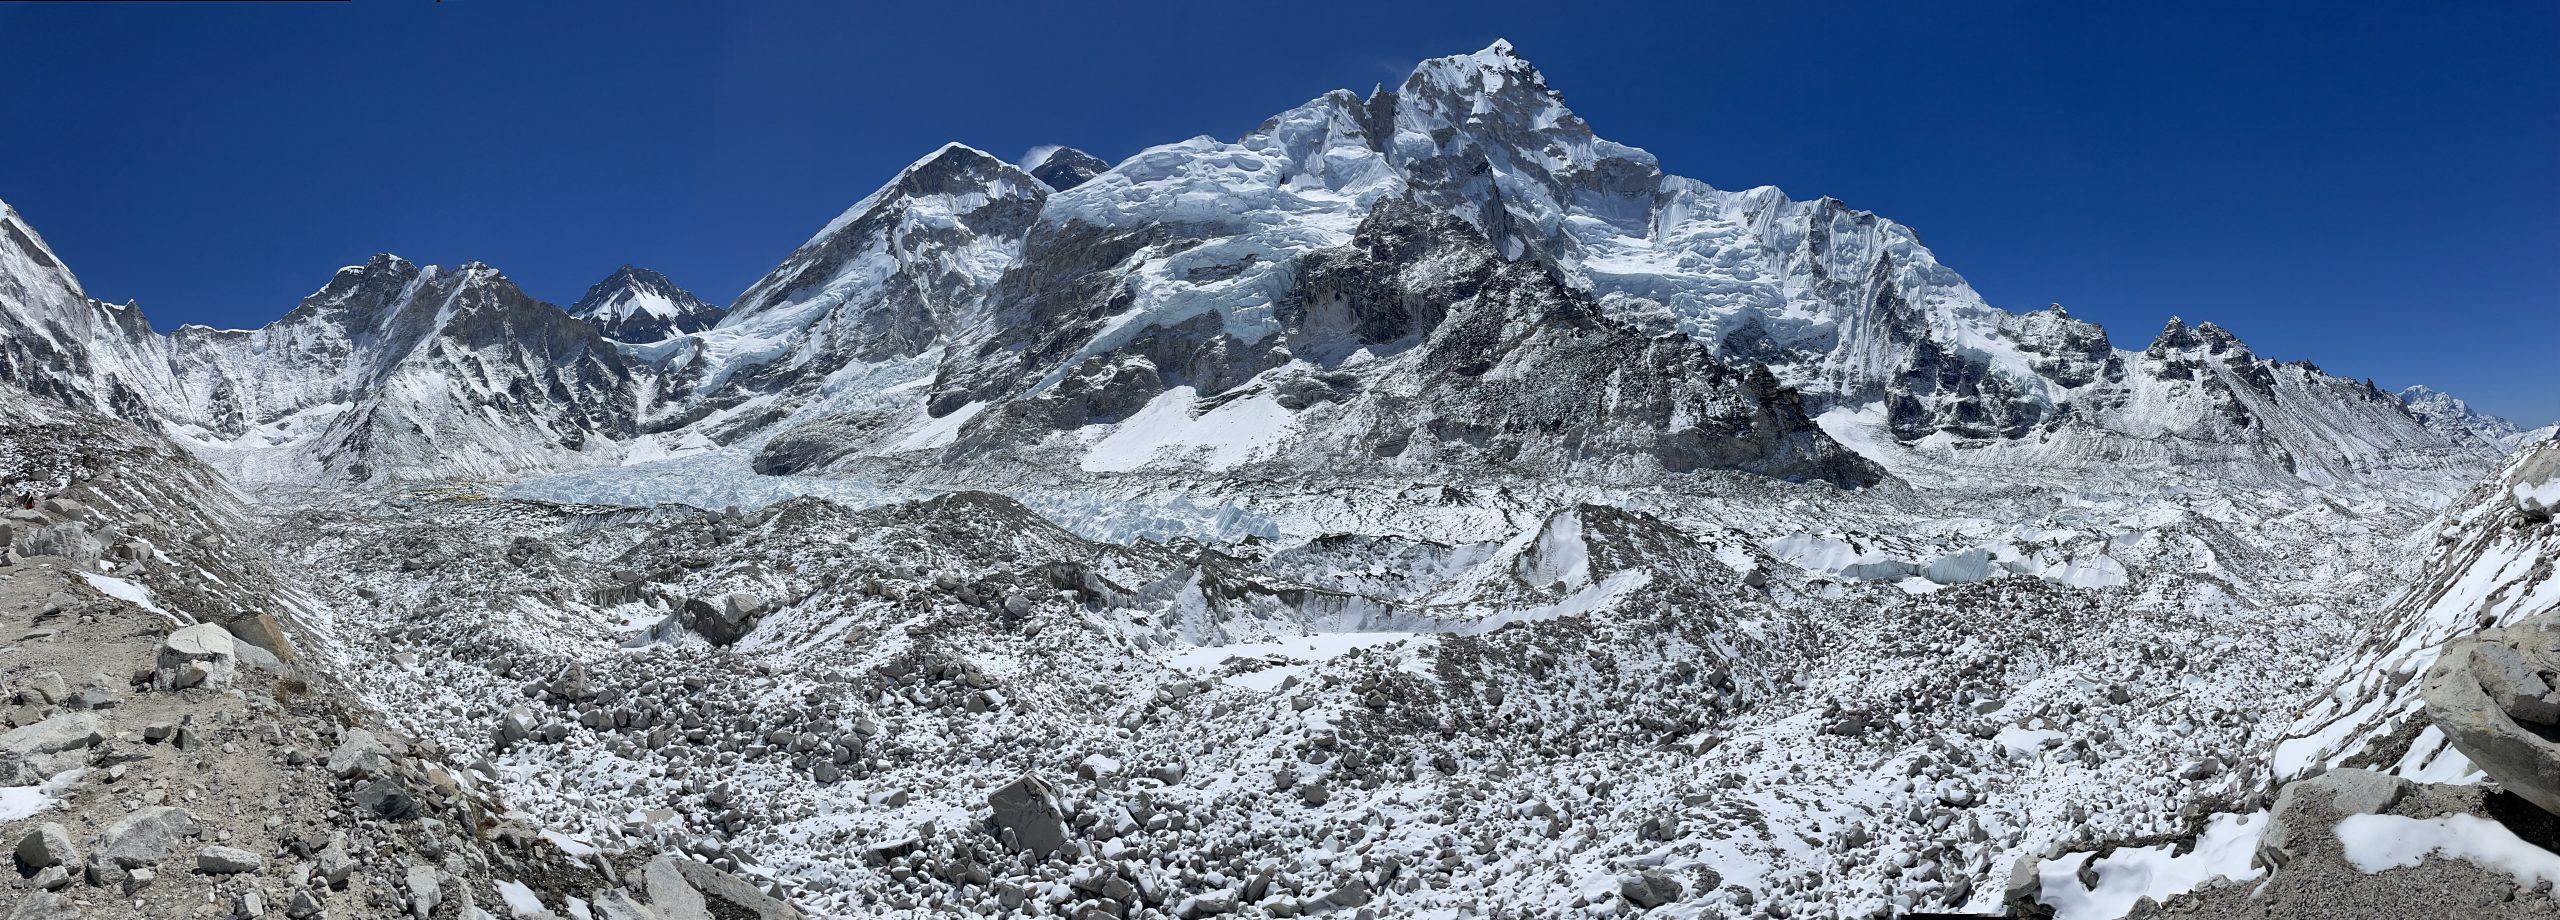 Näkymä Everestille